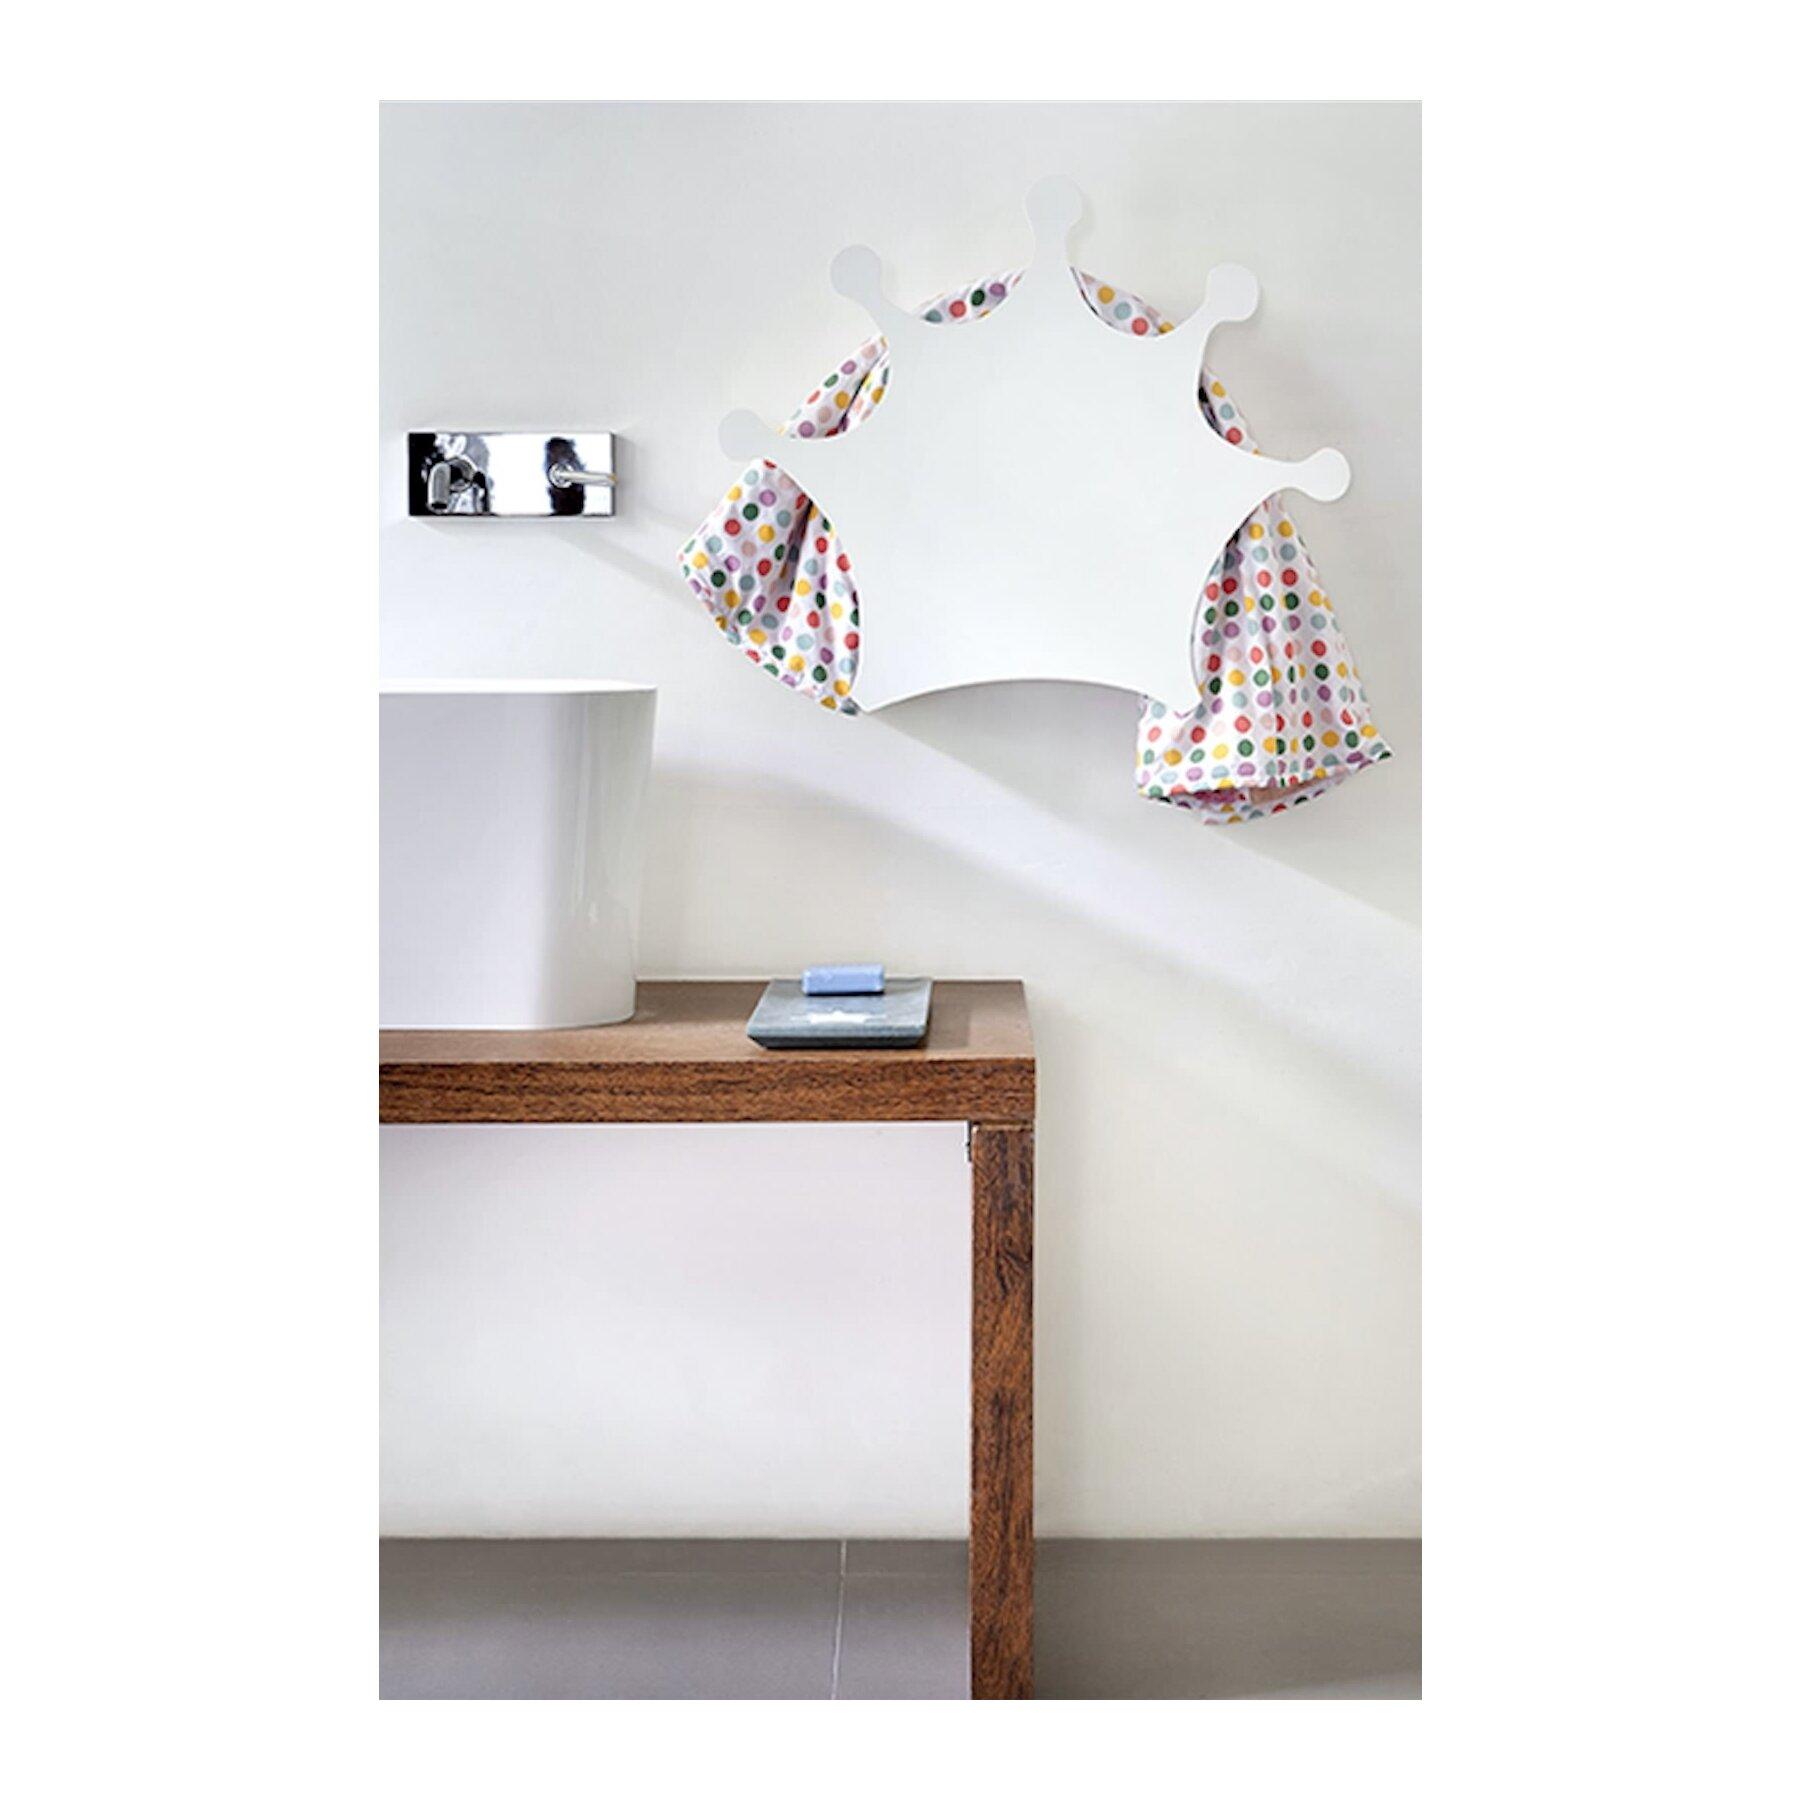 Elektrischer Handtuchhalter Kid bei wohn waerme